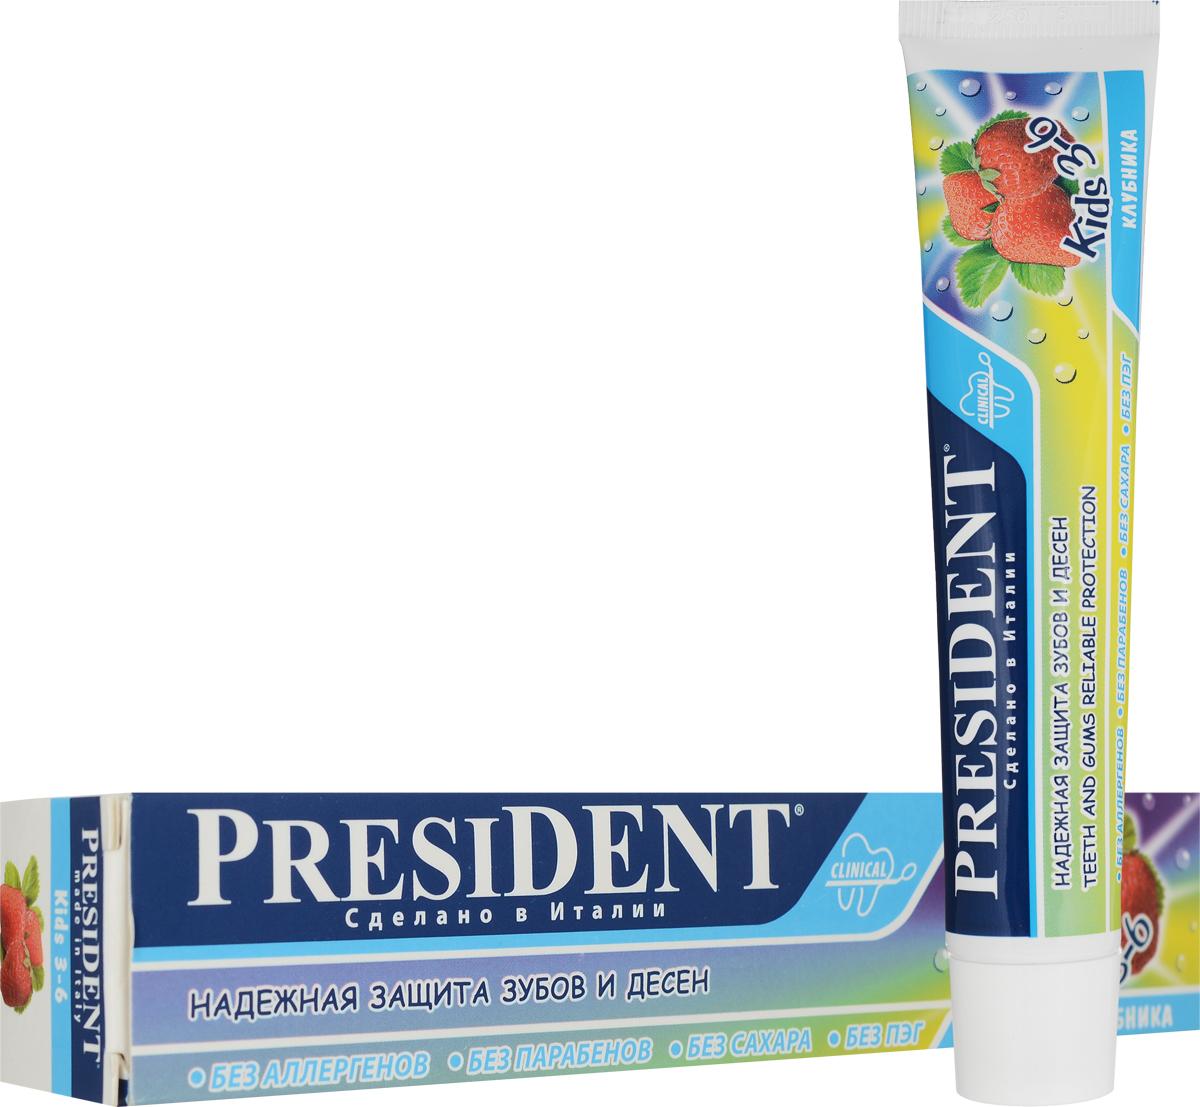 President Kids Strawberry от 3 до 6 лет детская зубная паста со вкусом клубники (без фтора), 50 мл18026Гелевая структура обеспечивает безопасное и эффективное удаление зубного налета (RDA 50) и уход за молочными и постоянными зубами. Со вкусом клубники. Уважаемые клиенты! Обращаем ваше внимание на возможные изменения в дизайне упаковки. Качественные характеристики товара остаются неизменными. Поставка осуществляется в зависимости от наличия на складе.